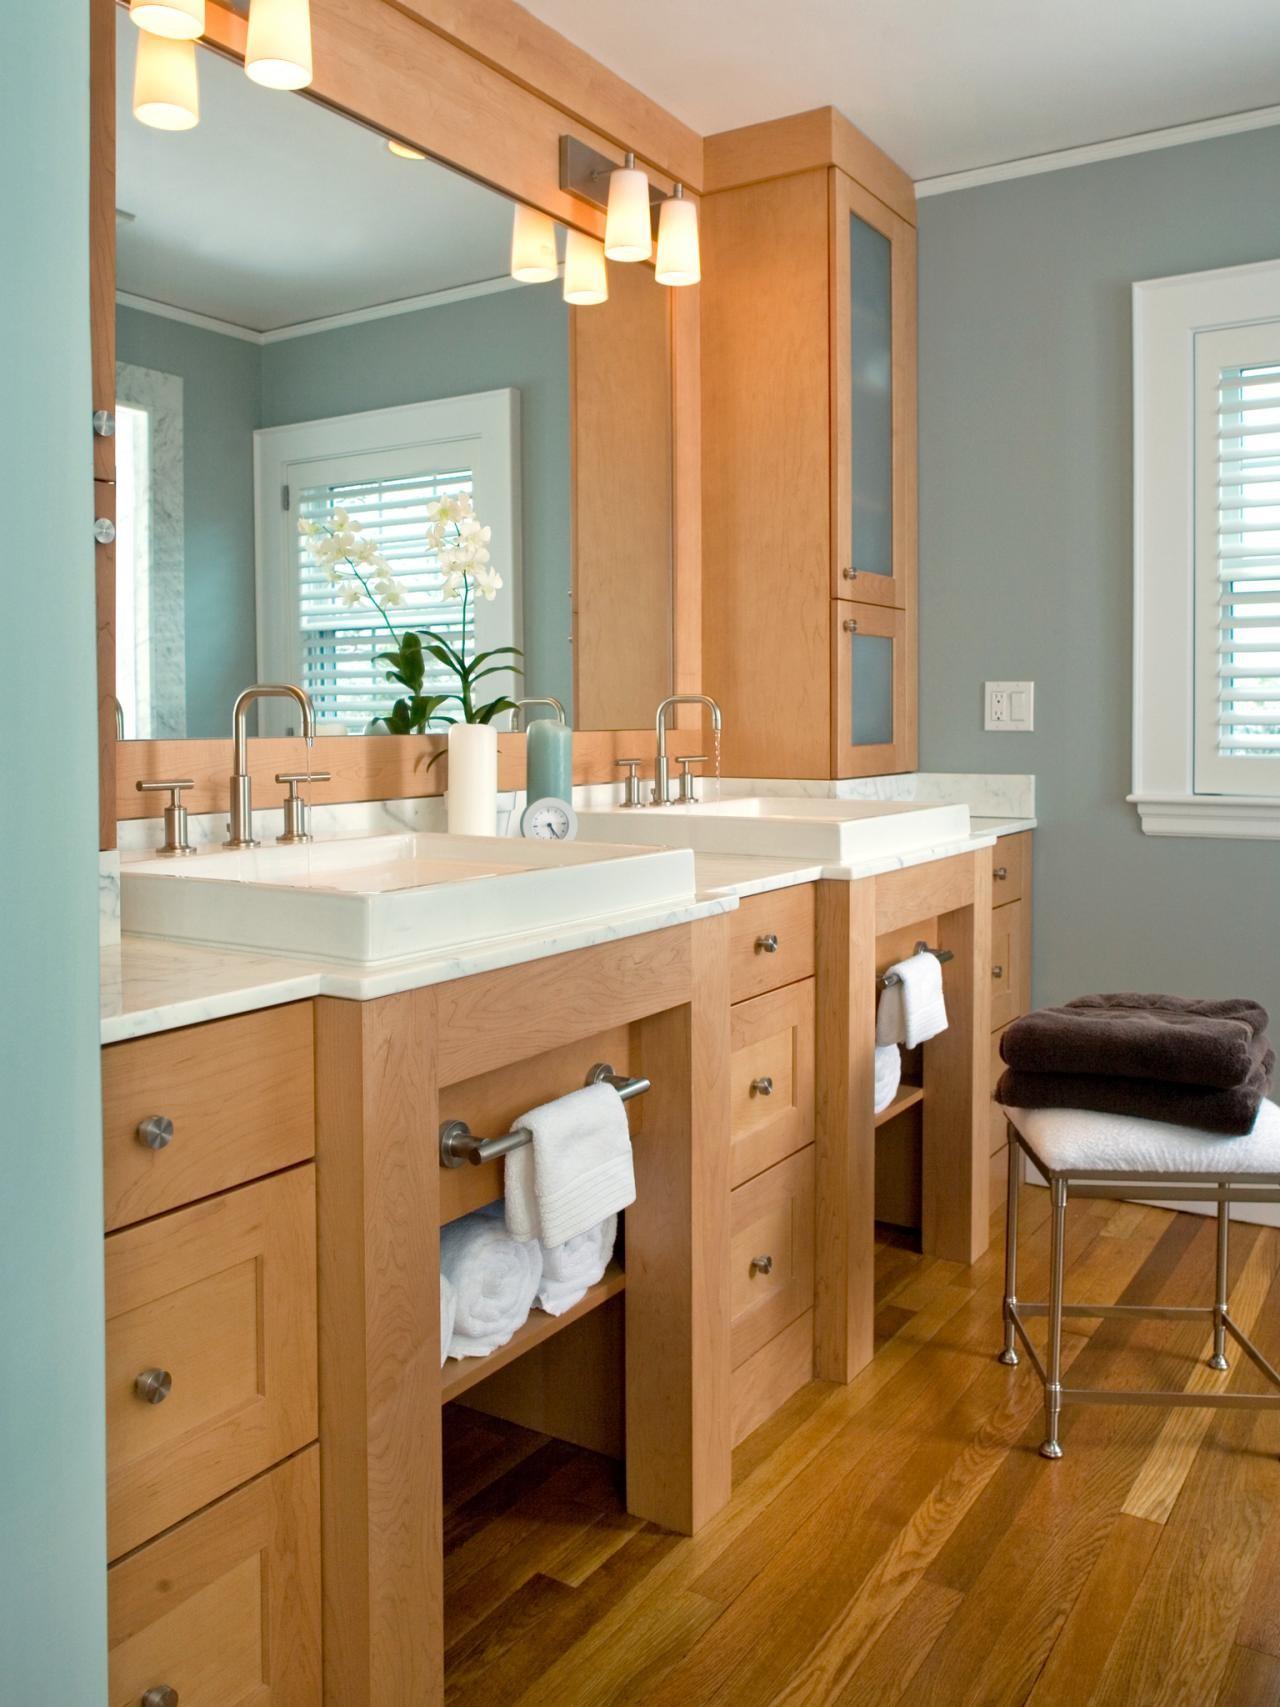 countertop cabinet bath  Bathroom Countertop Storage Cabinets - Decor IdeasDecor Ideas - countertop cabinet bath